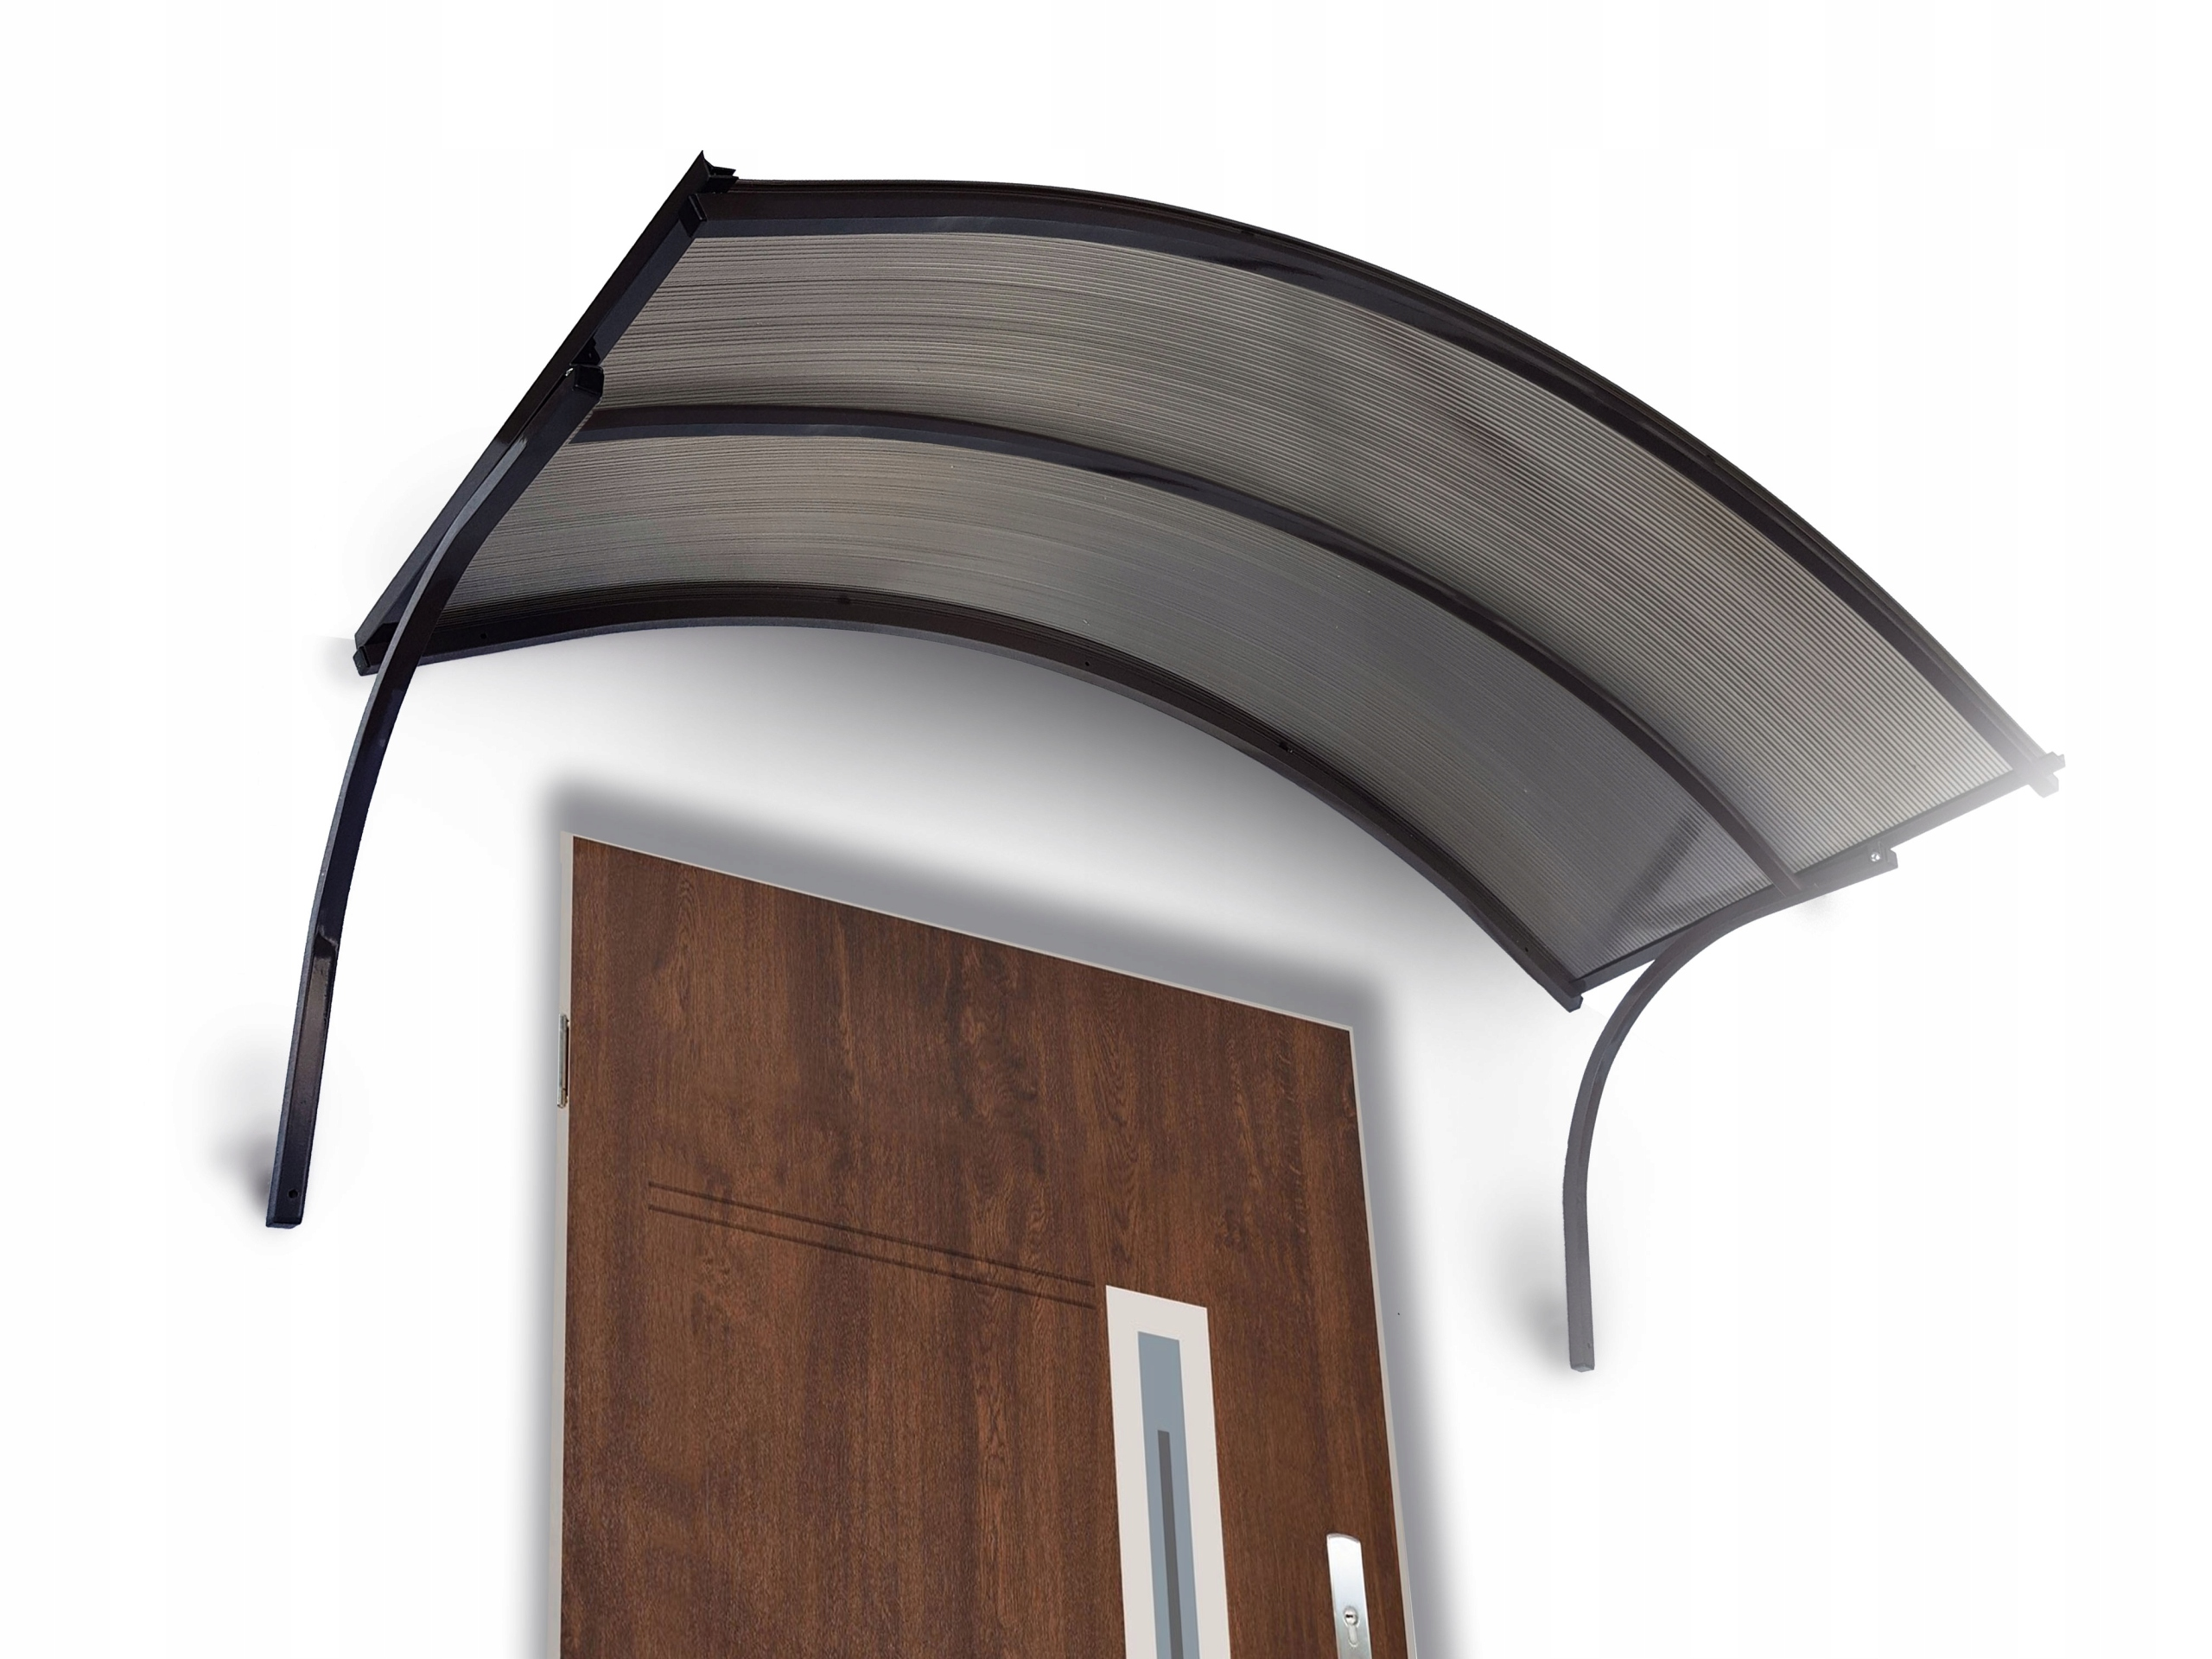 Strieška nad dvere, strešná krytina alu 180x25x90